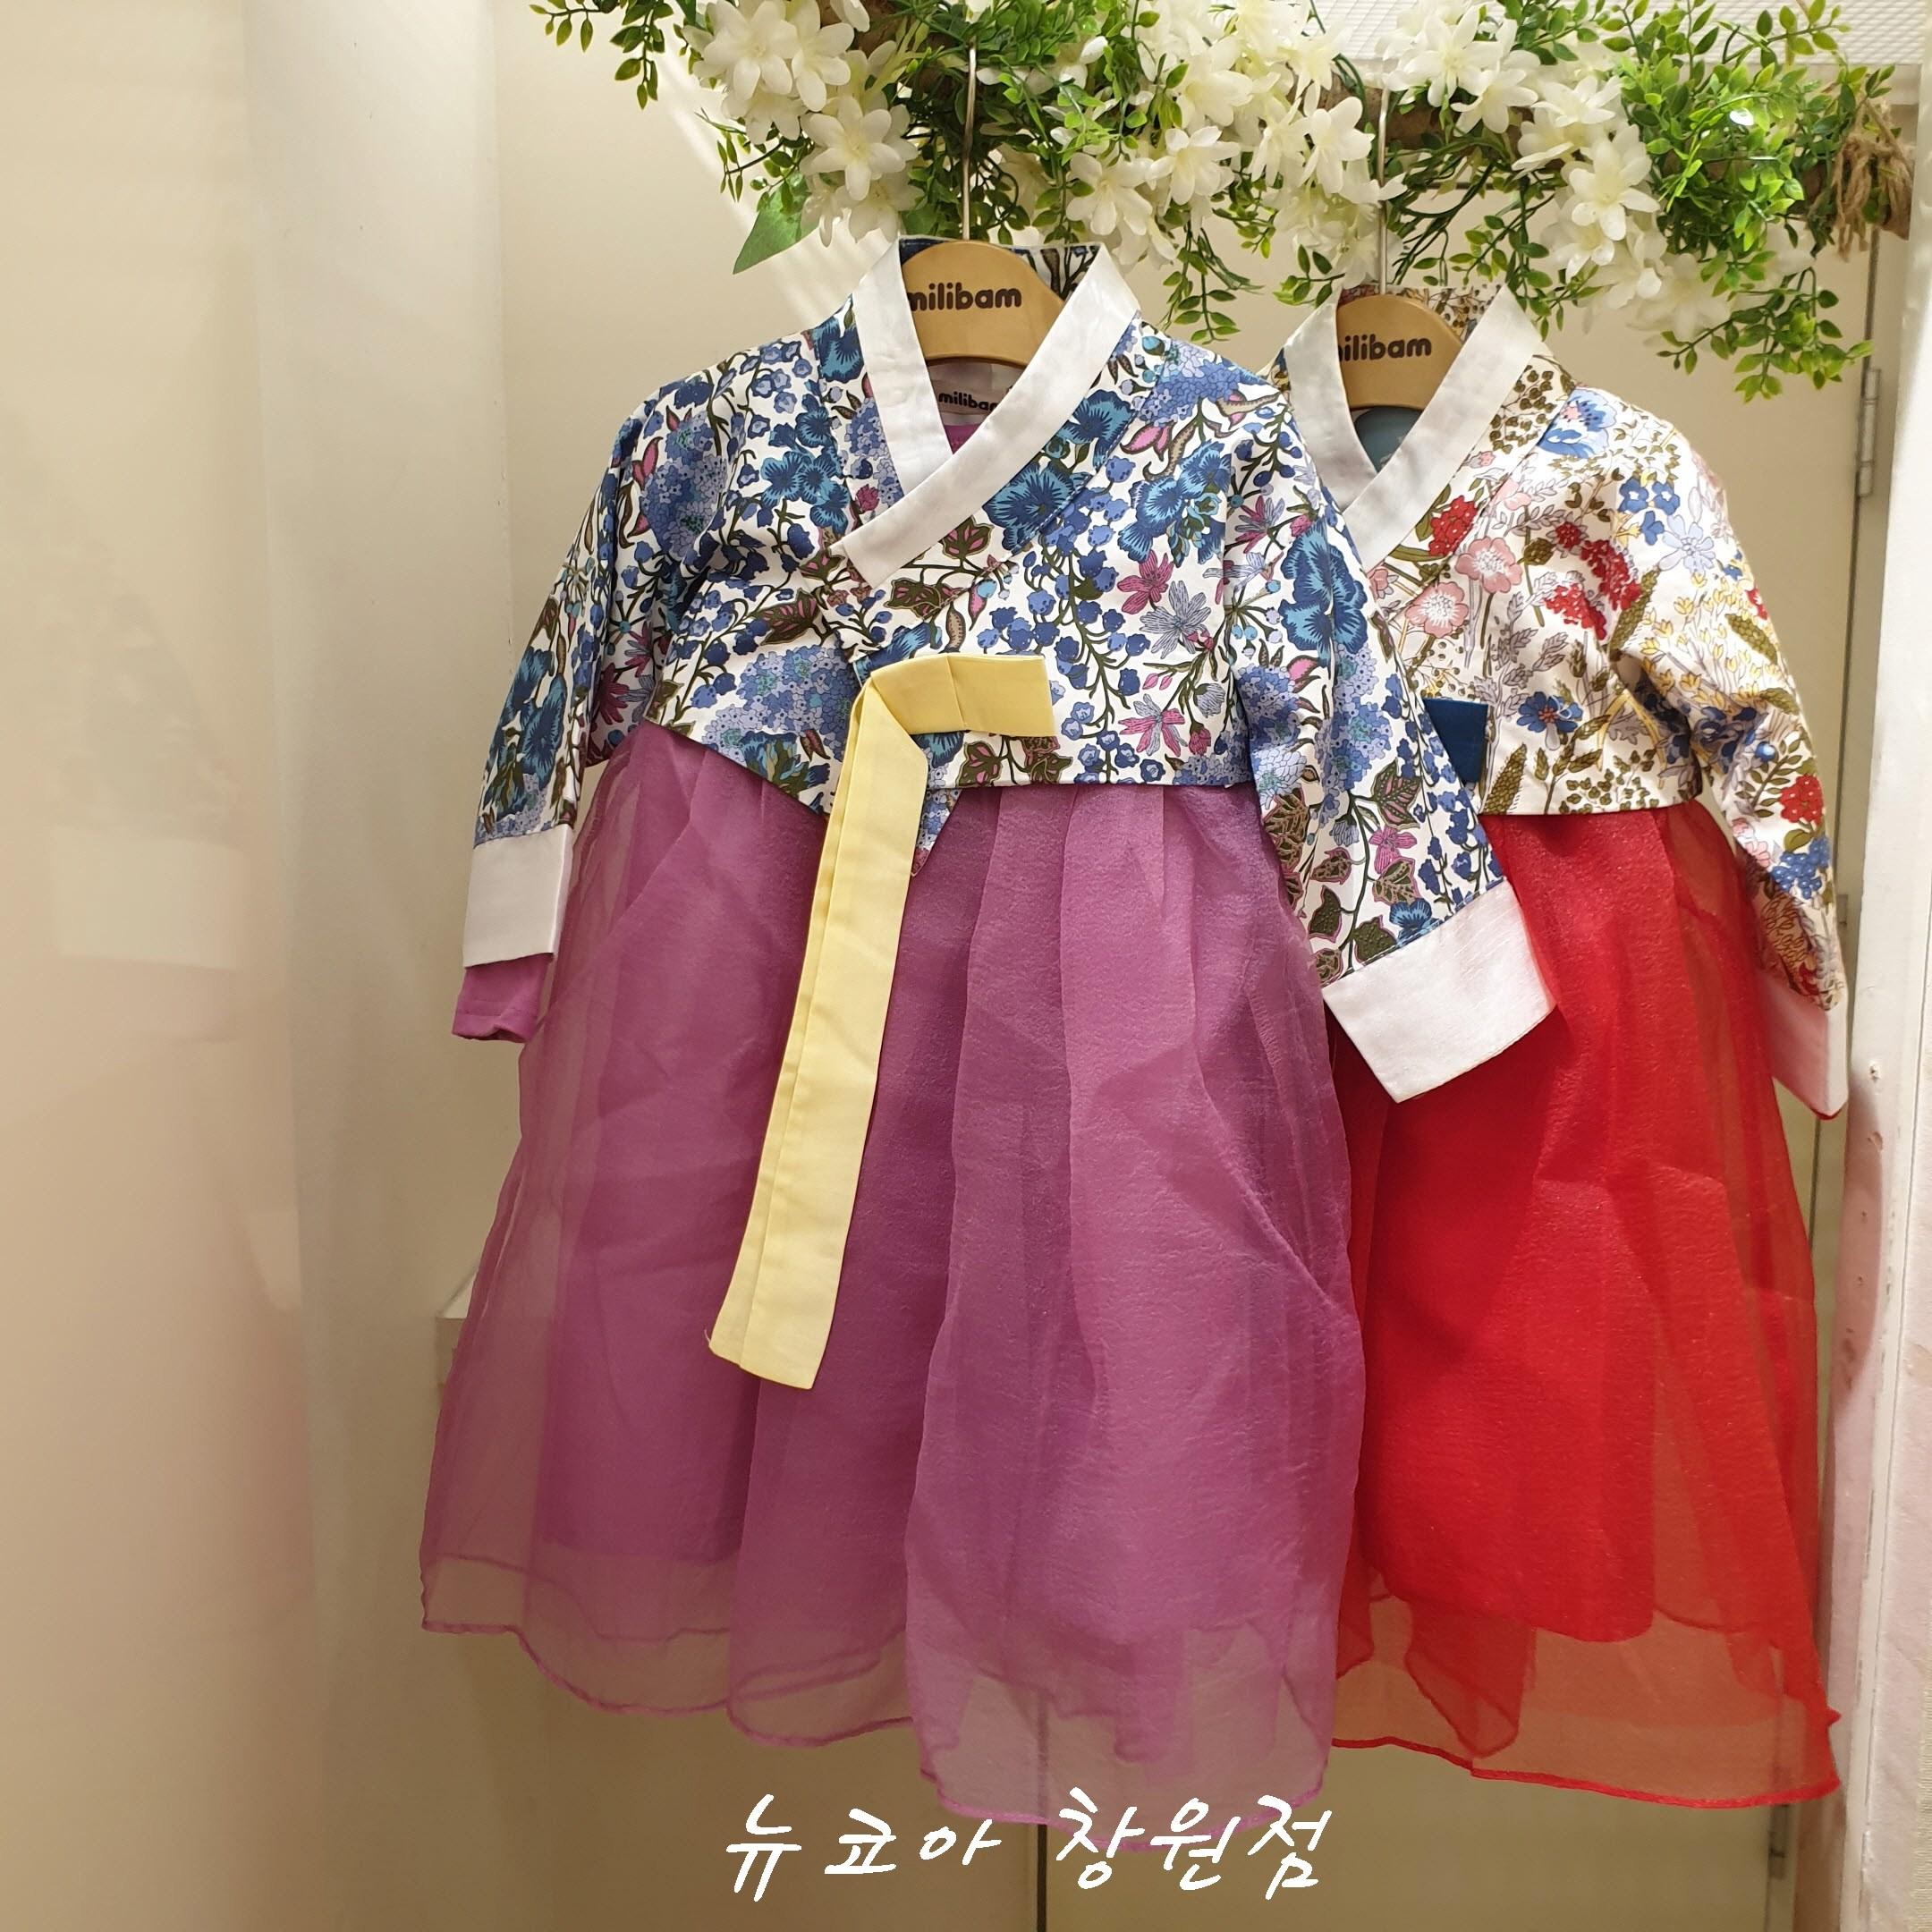 밀리밤 [뉴코아 창원점] 황진이처럼 예쁜 꽃한복 MLOW19A79